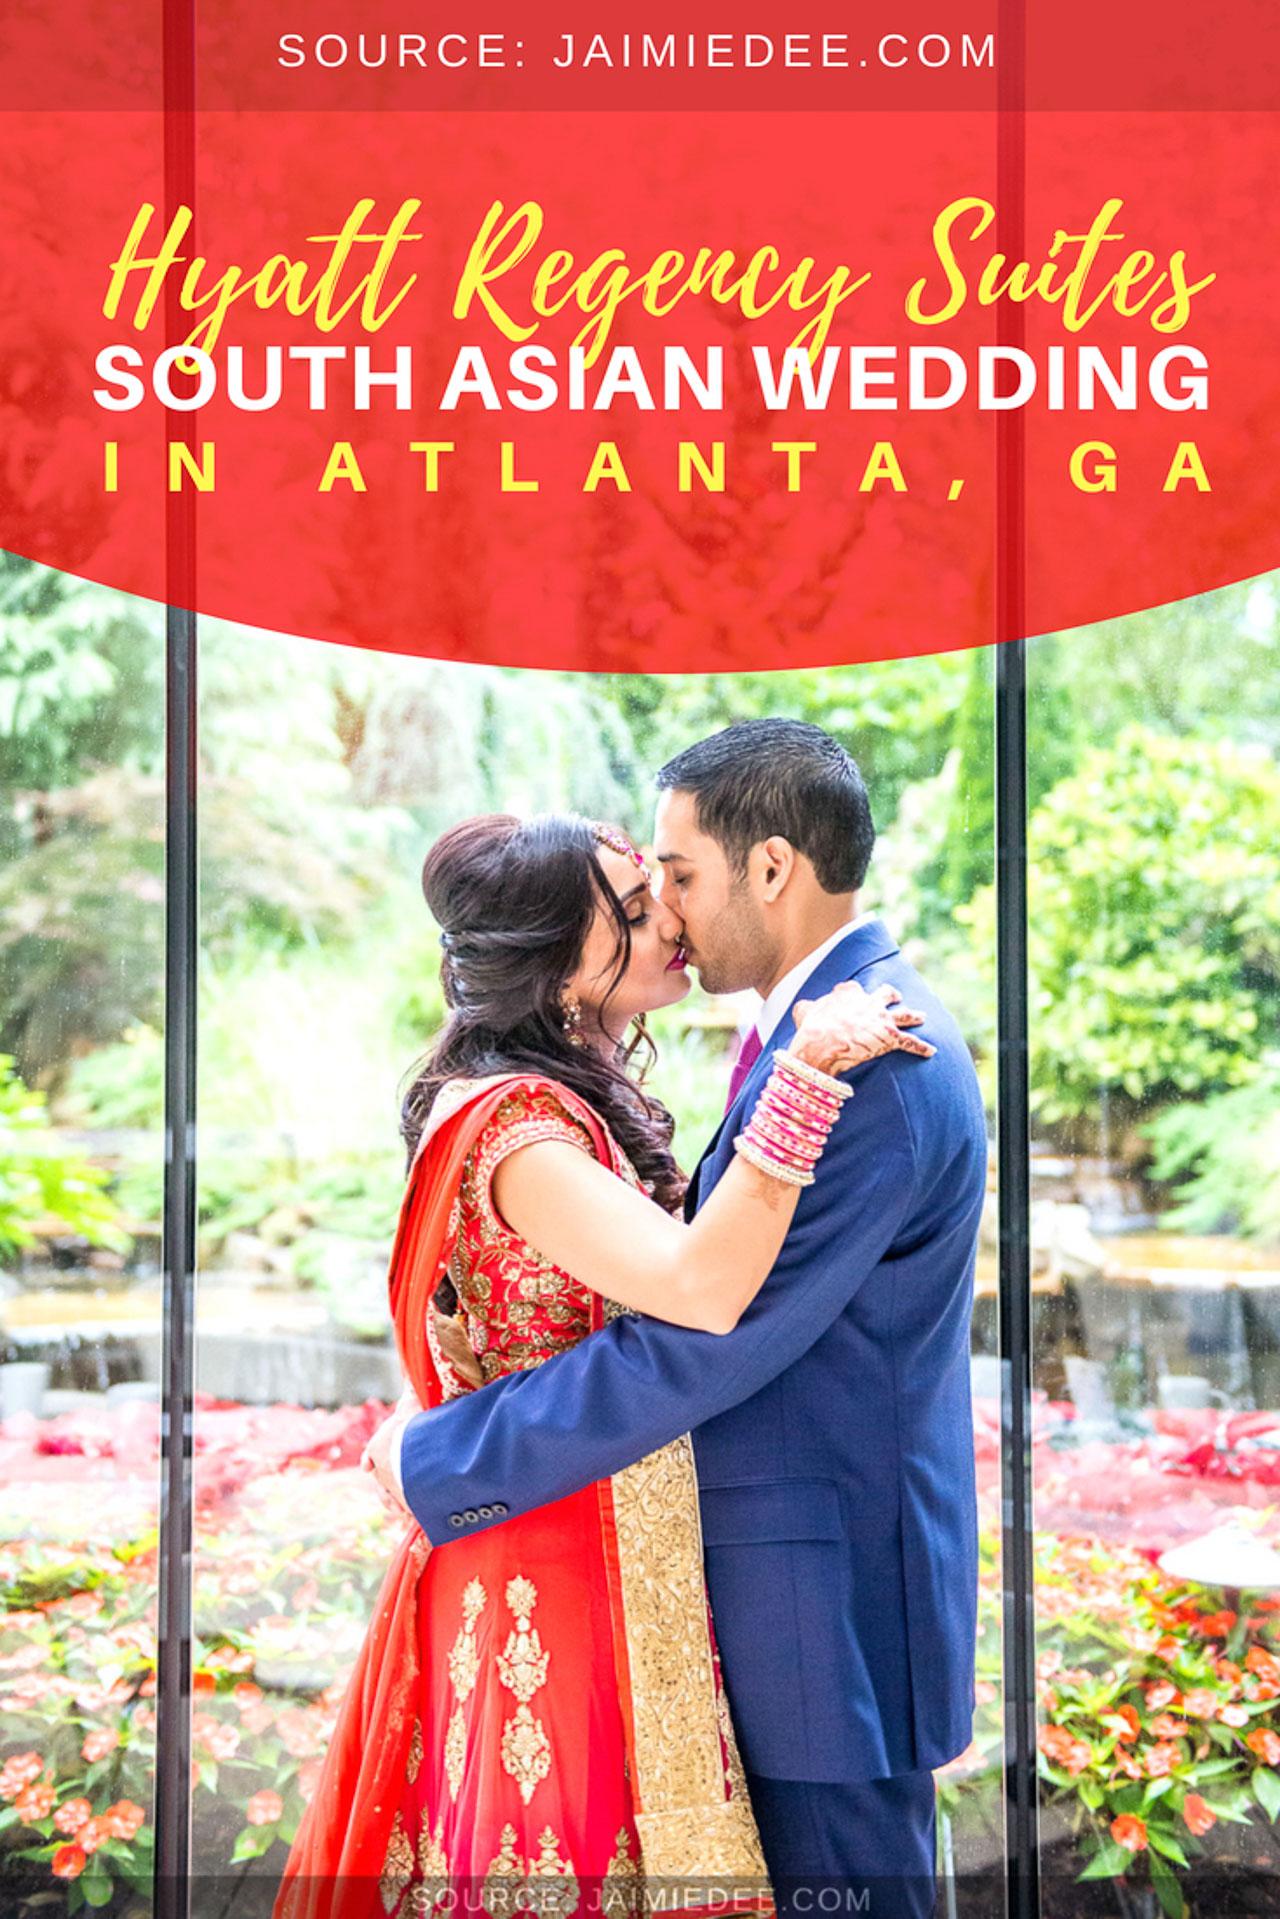 Hyatt-Regency-Suites-Atlanta-Northwest-Indian-Wedding-Cover-0002